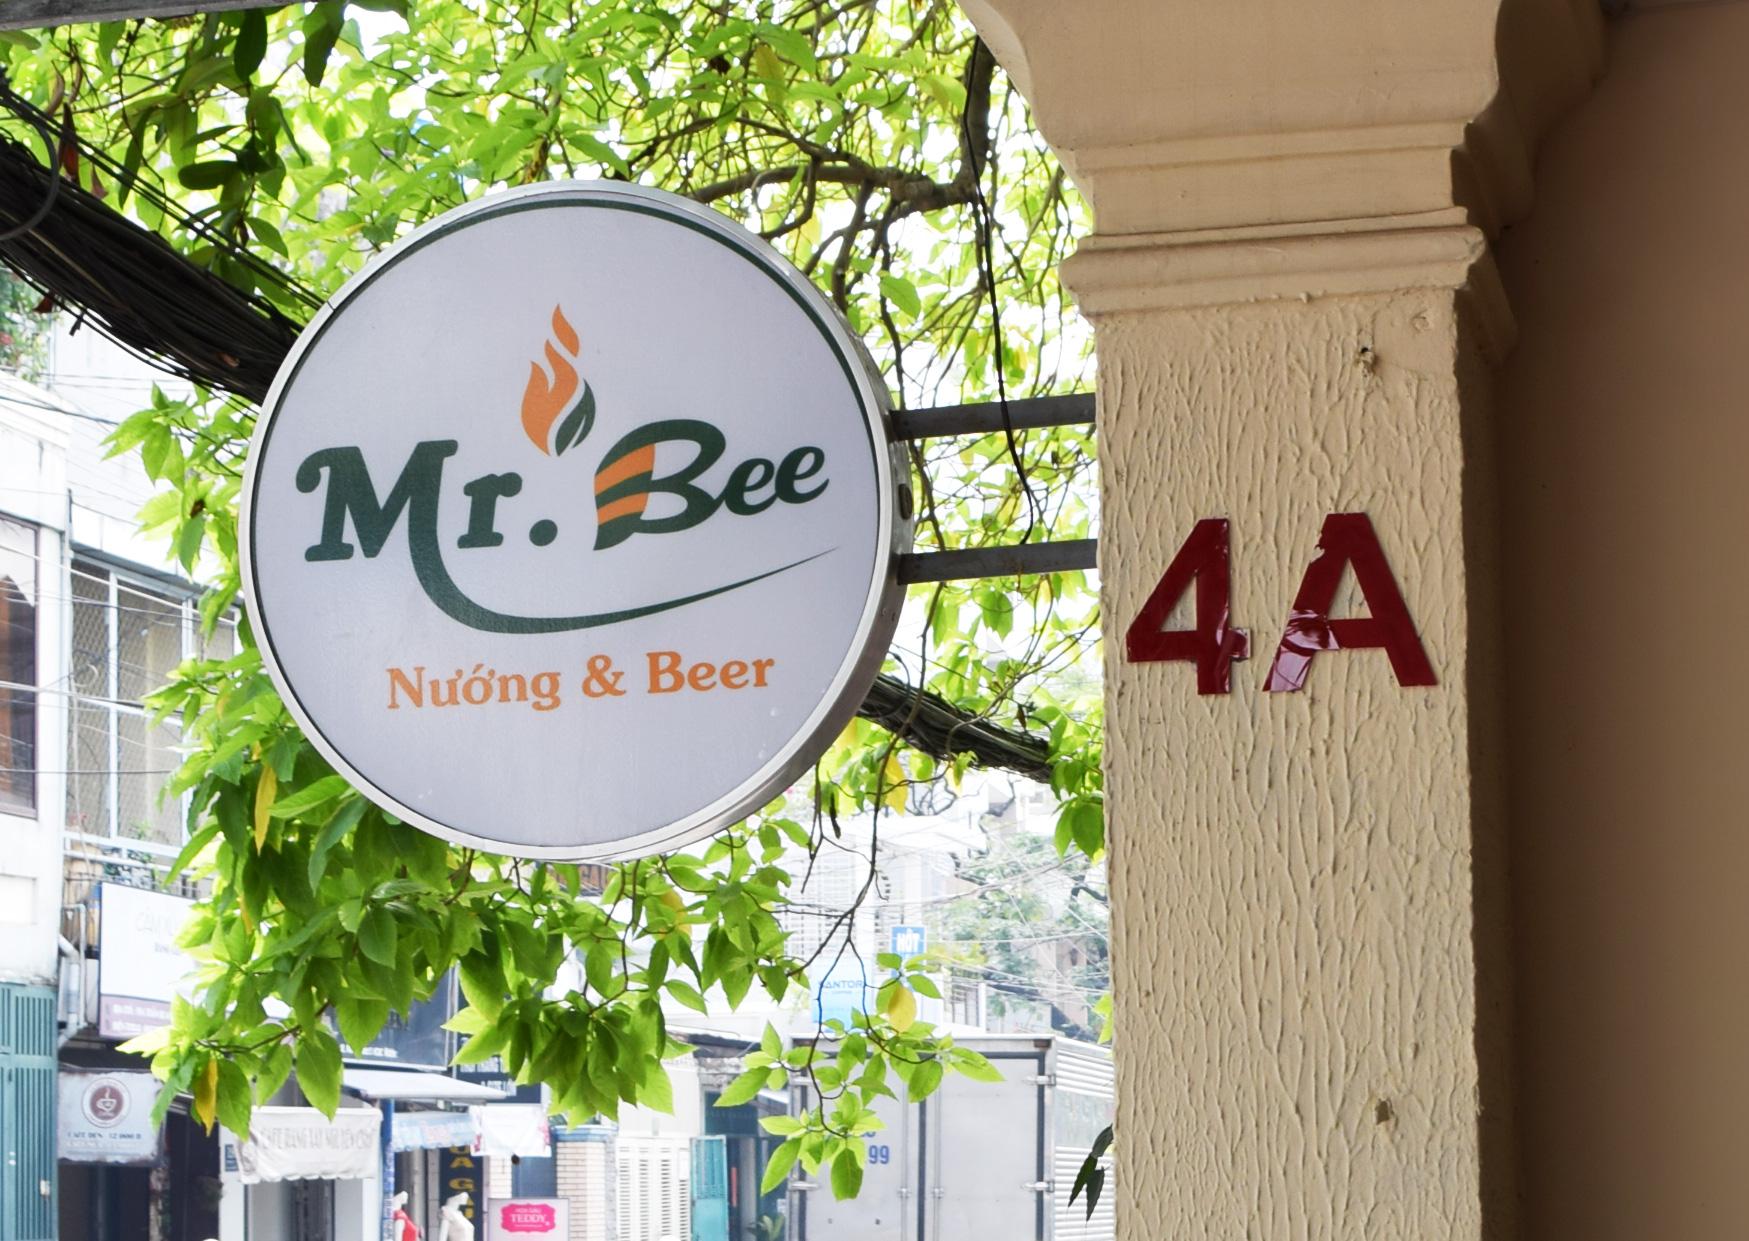 MR. BEE - NƯỚNG & BEER